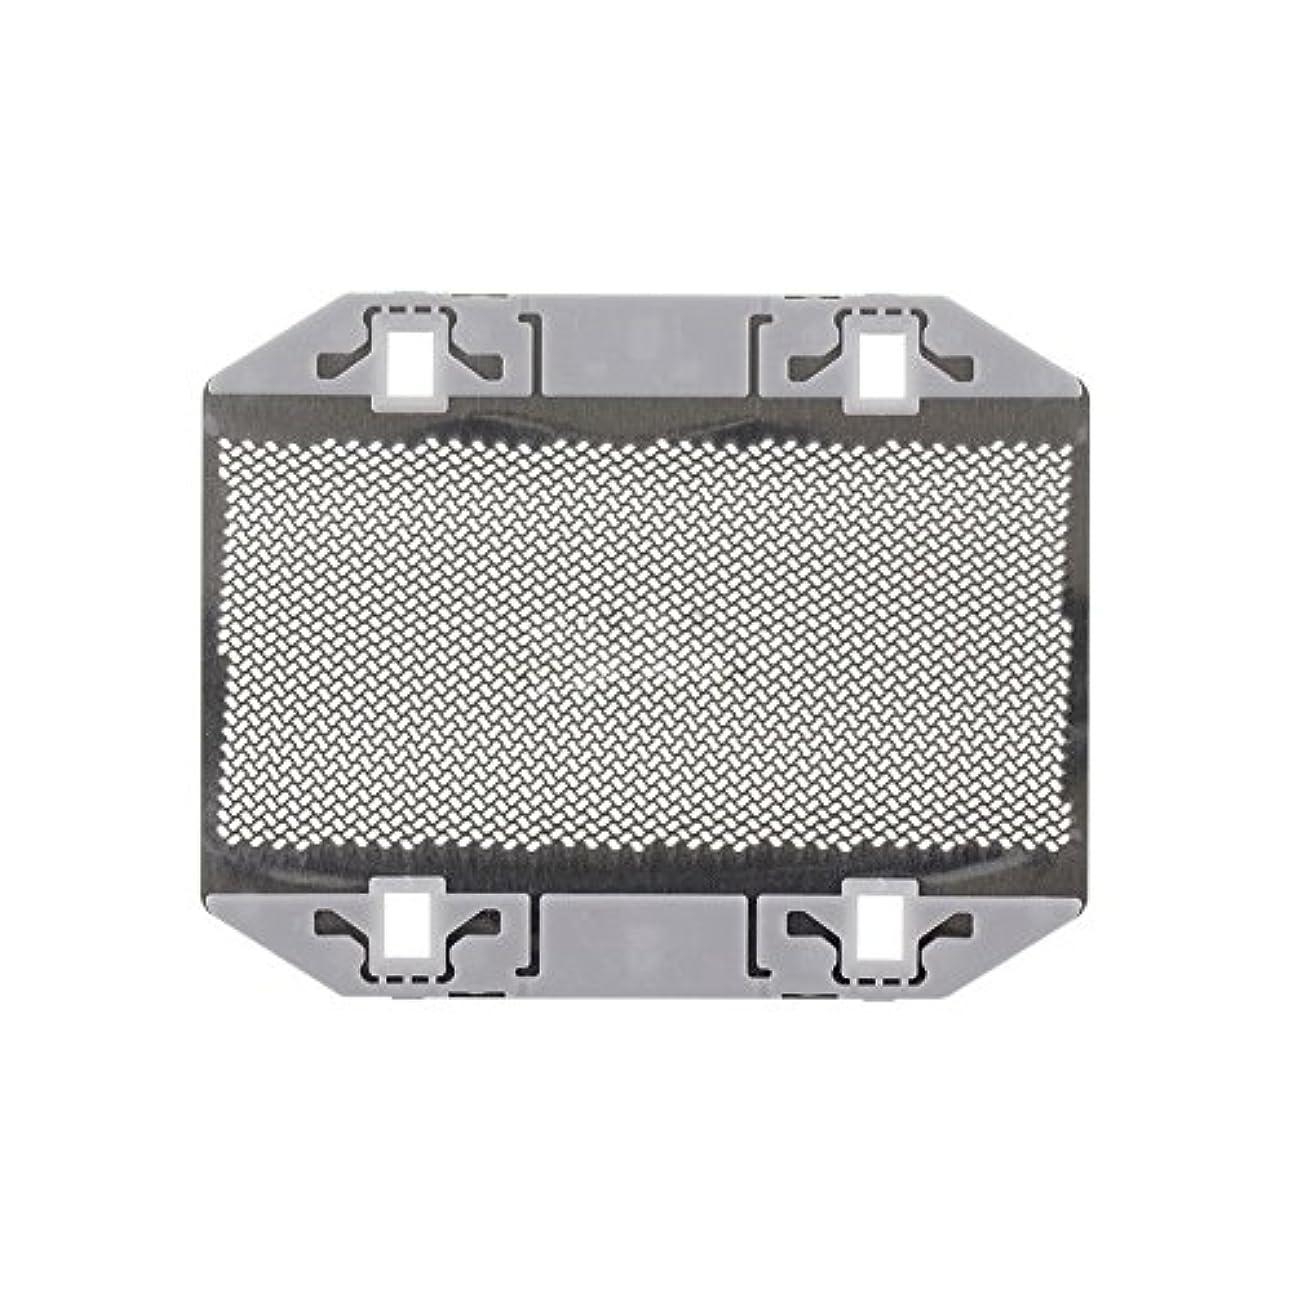 取るに足らない吸う継承Juleyaing シェーバー用品 回転式シェーバー 部品 外刃 替刃 交代品 for Panasonic ES9943 ES3042 ES3801 ES3750 ES365 ES366